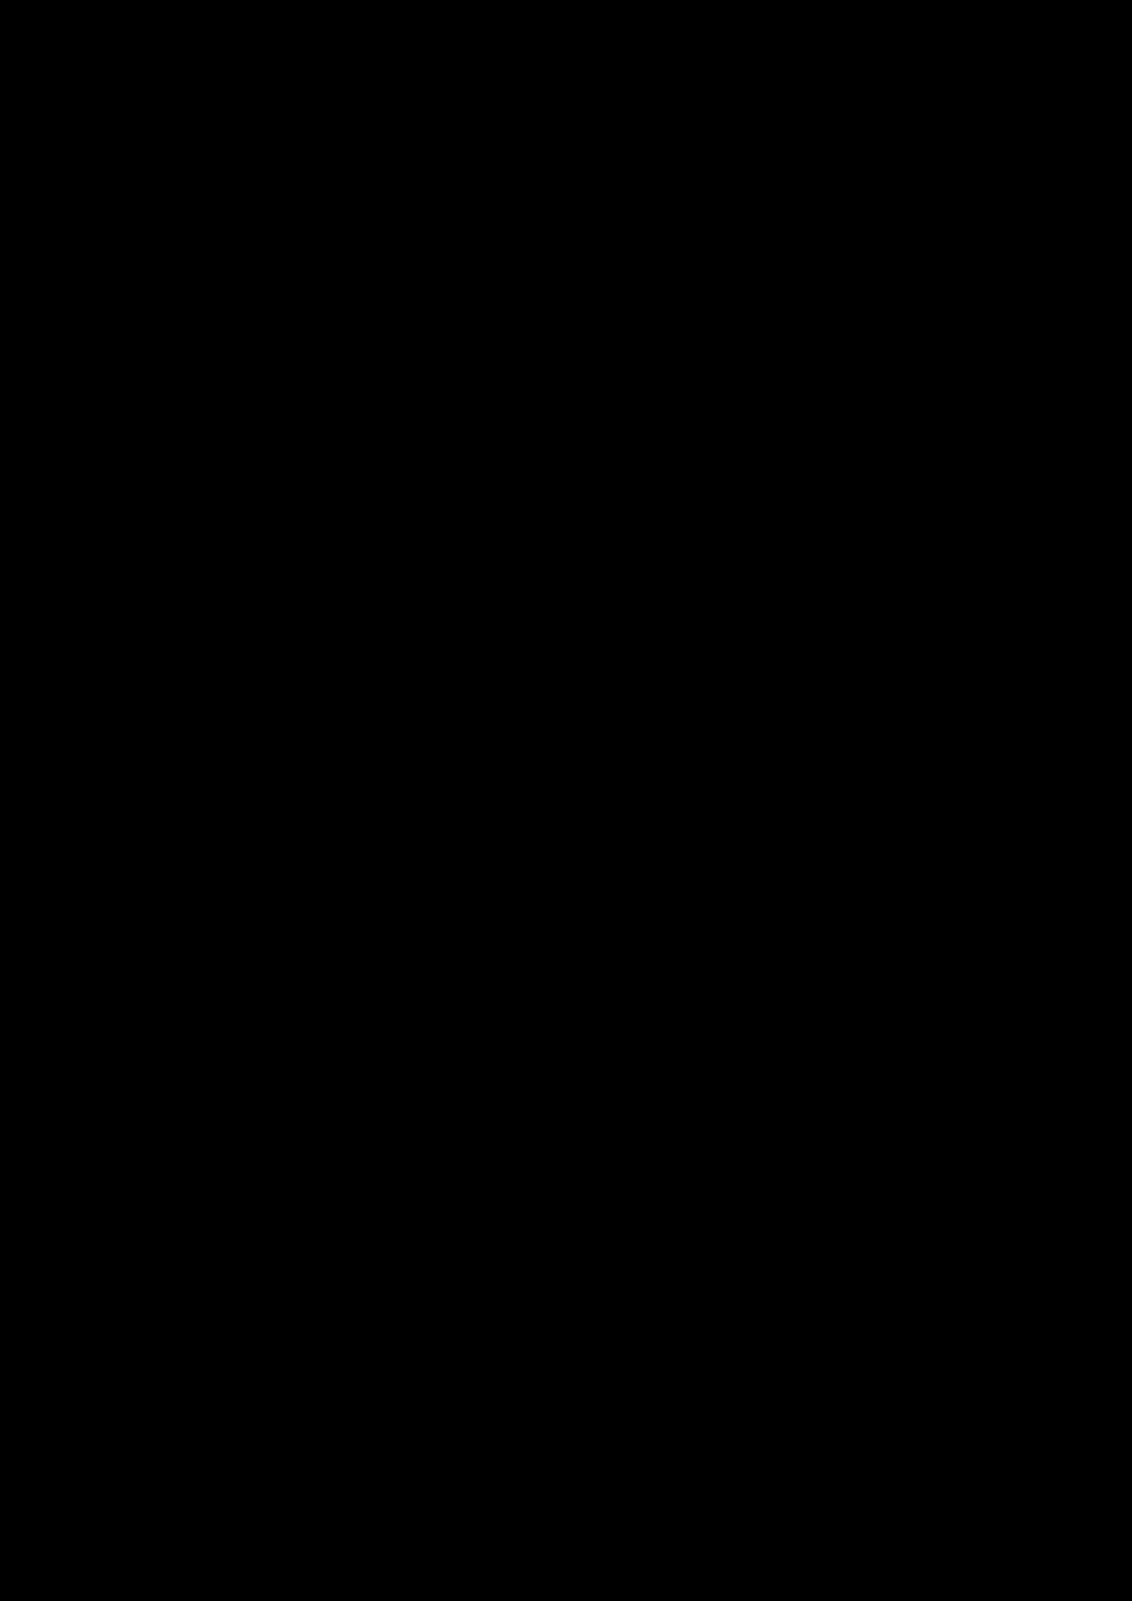 Proschanie s volshebnoy stranoy slide, Image 59